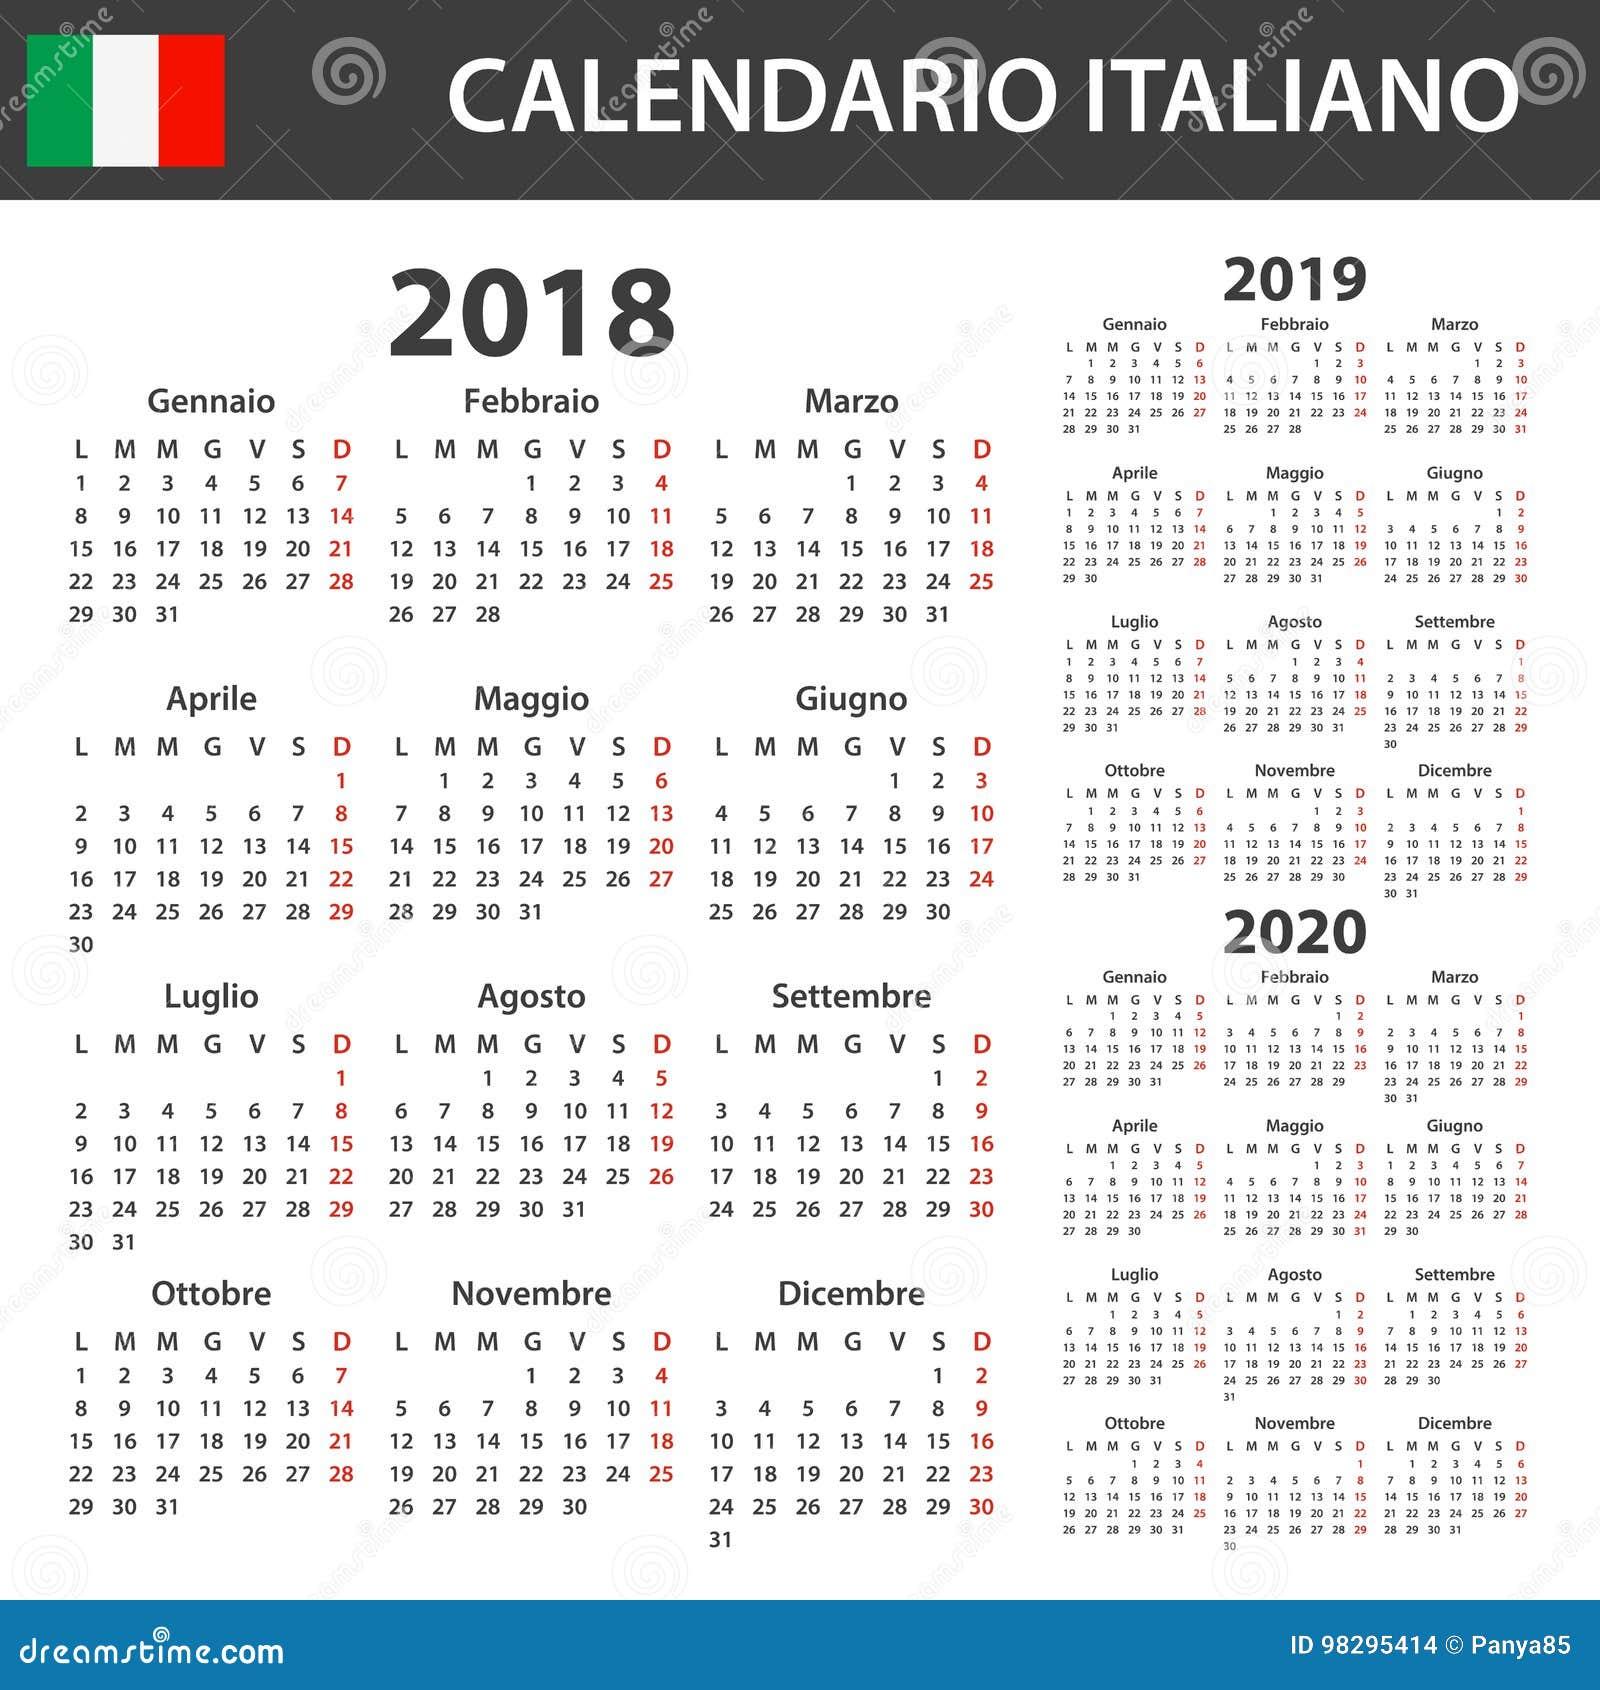 Calendario Con Le Settimane 2020.Calendario Italiano Calendario 2020